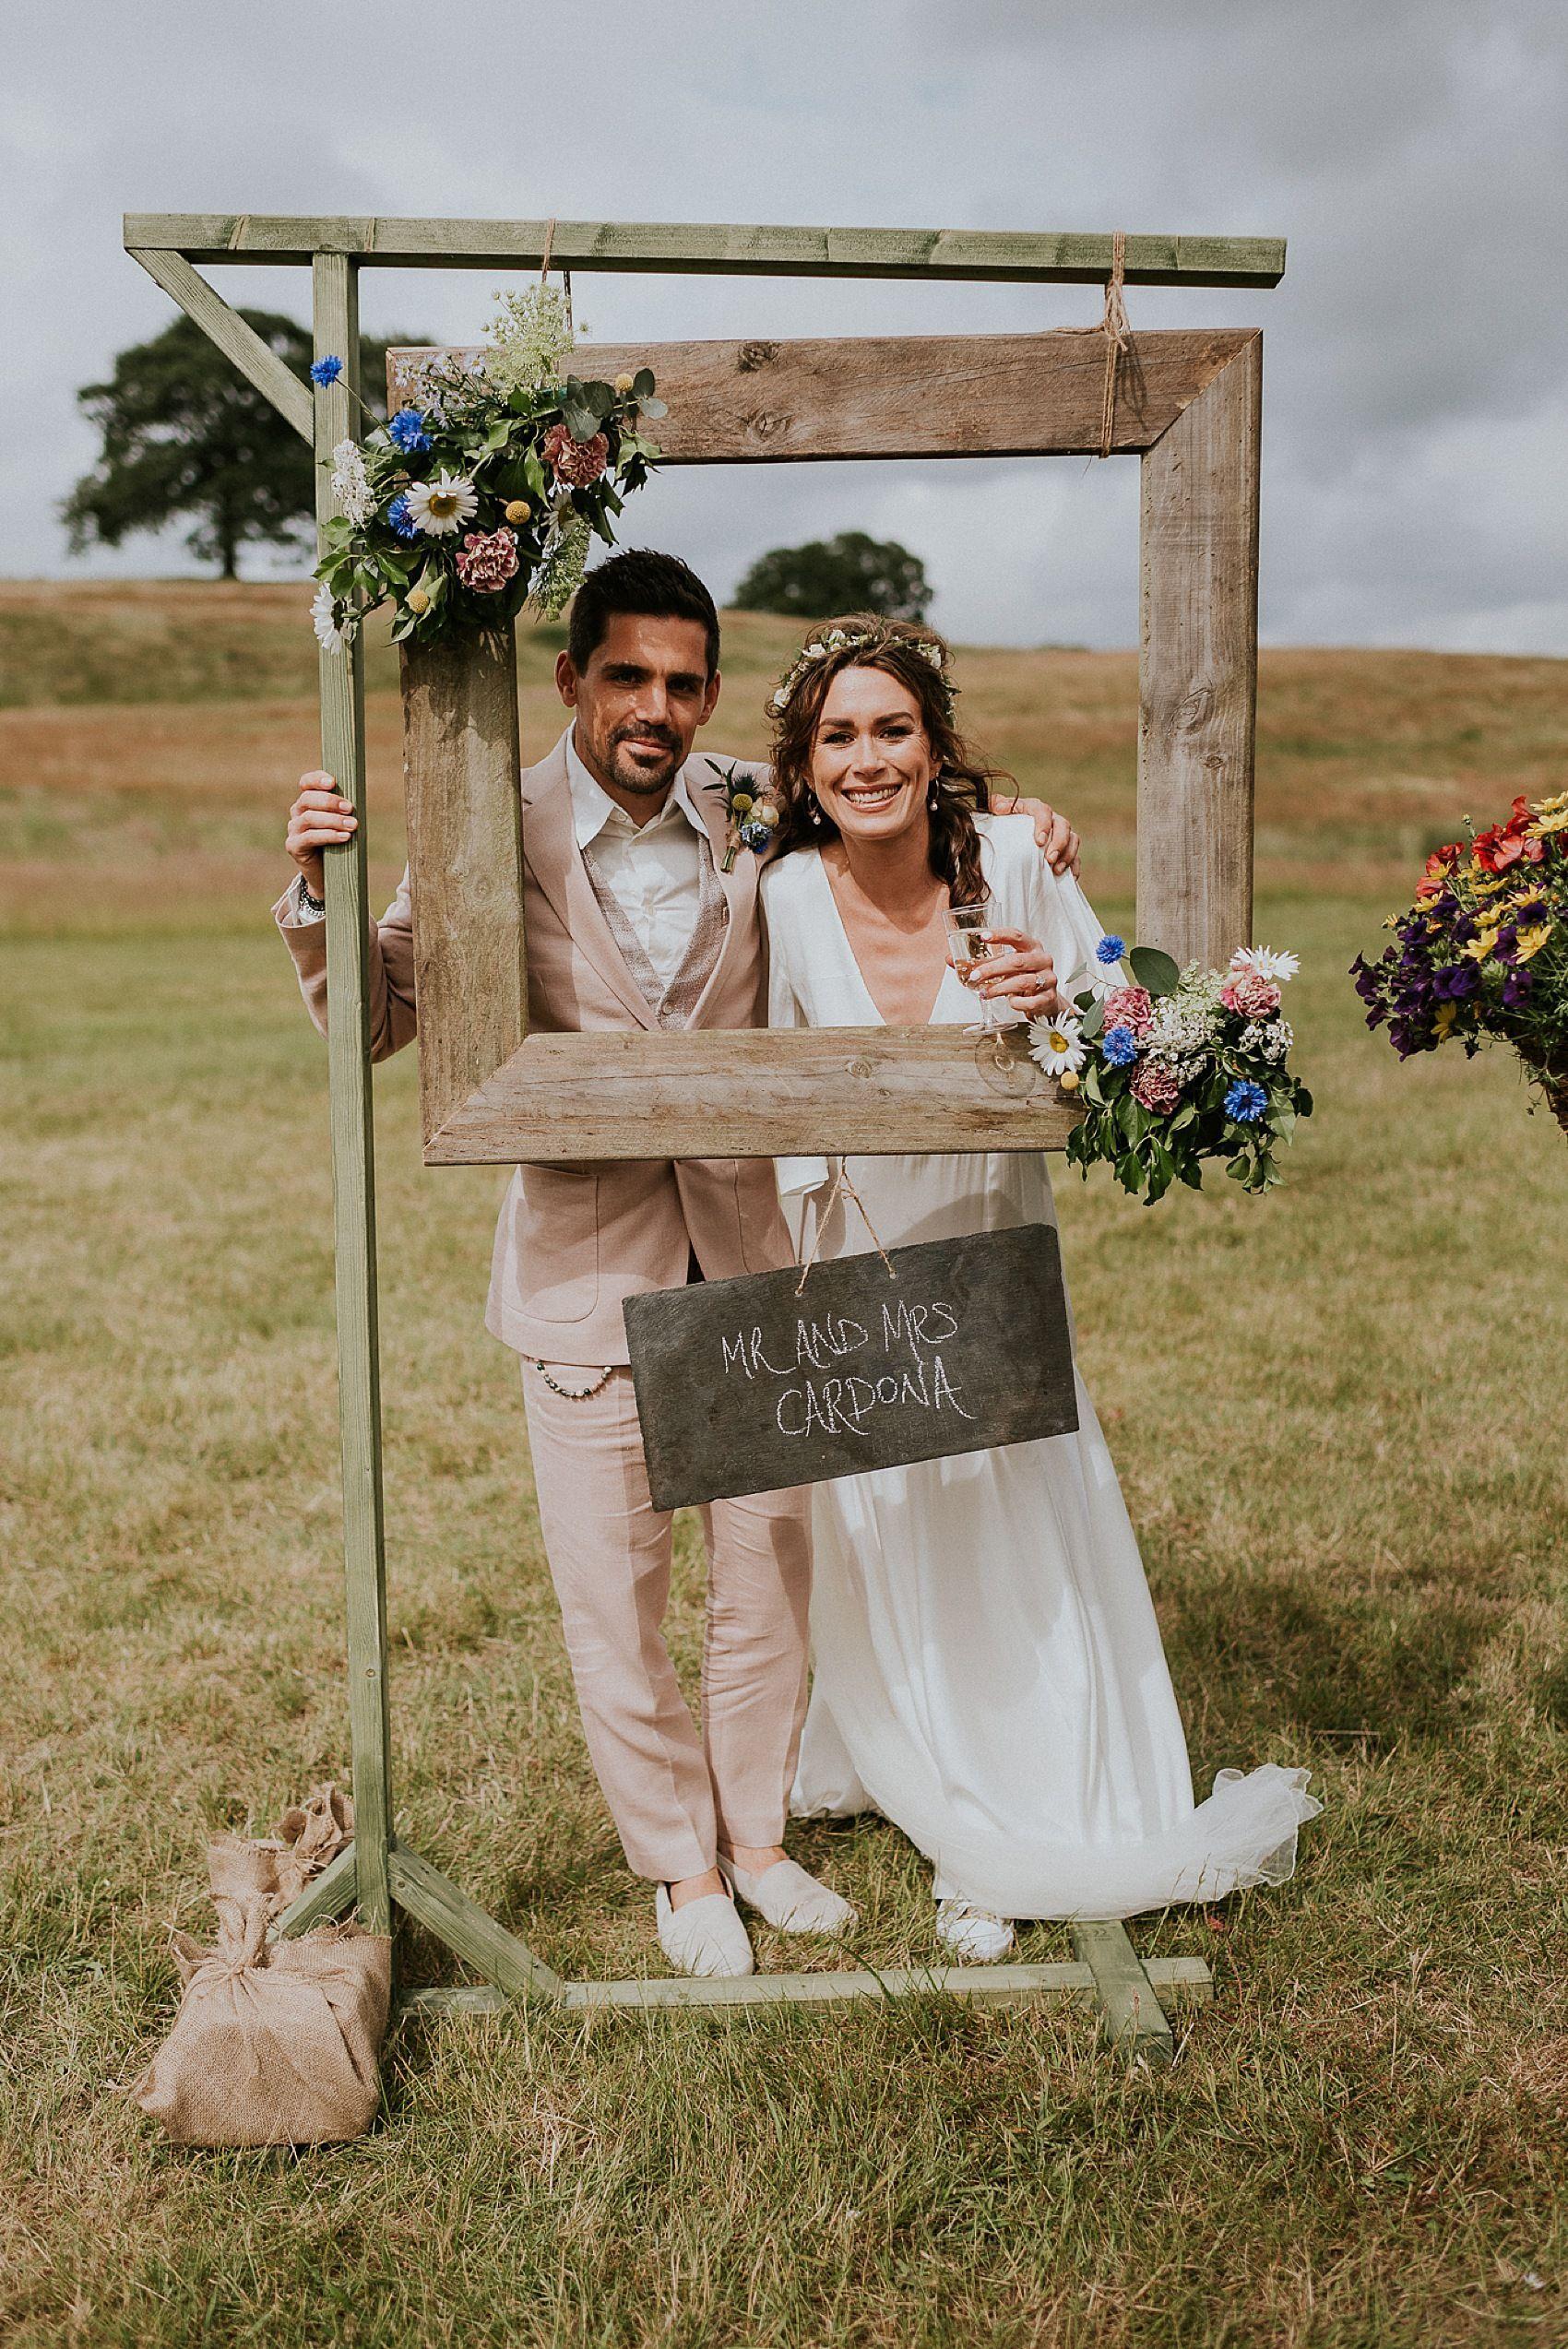 Diy Photobooth Festival Wedding Diy Festival Photobooth Wedding Wedding Photo Props Wedding Picture Frames Diy Wedding Photo Booth